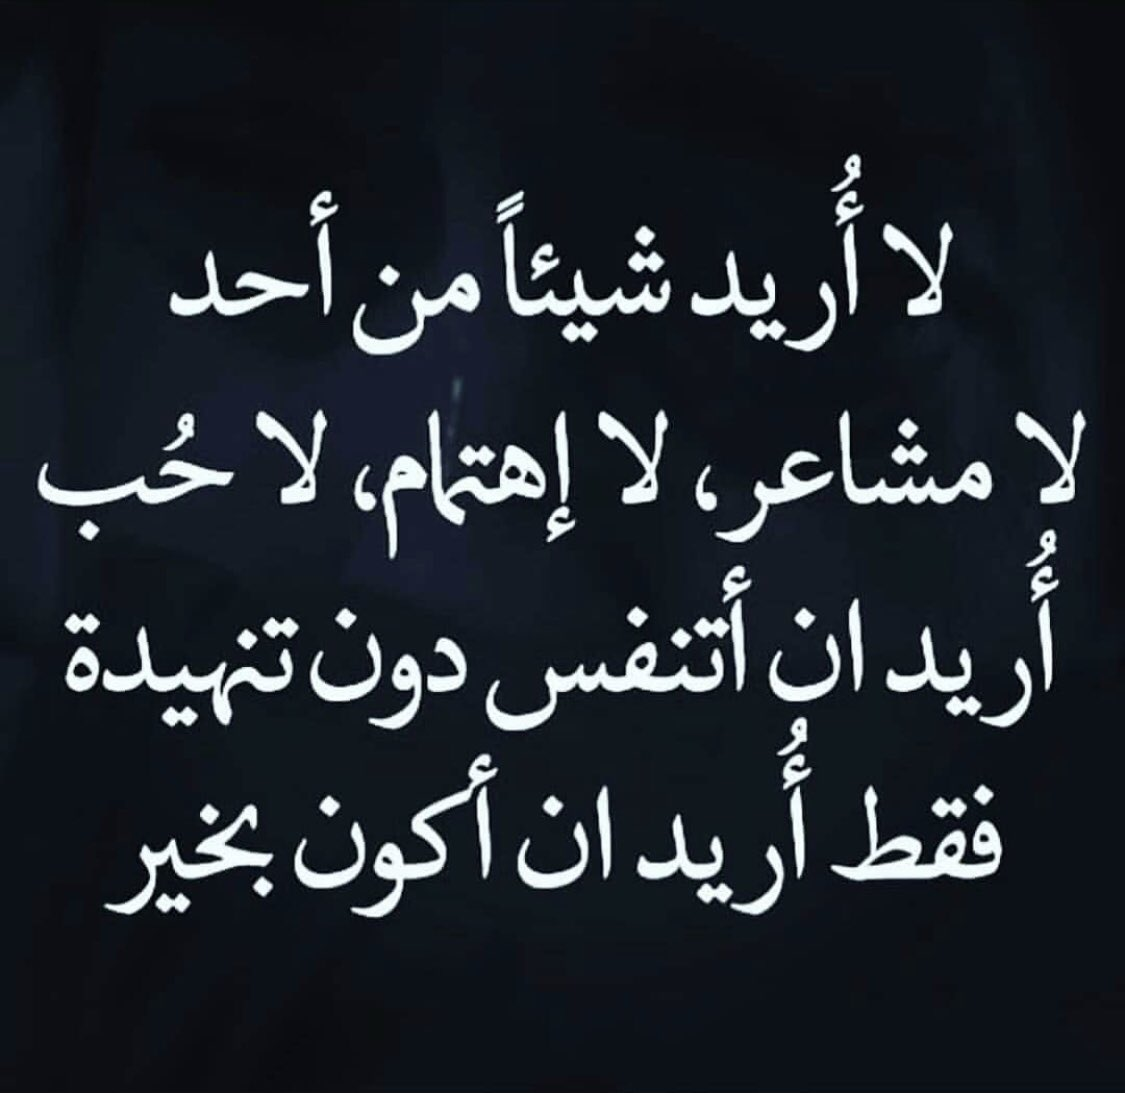 #همسه_من_القلب